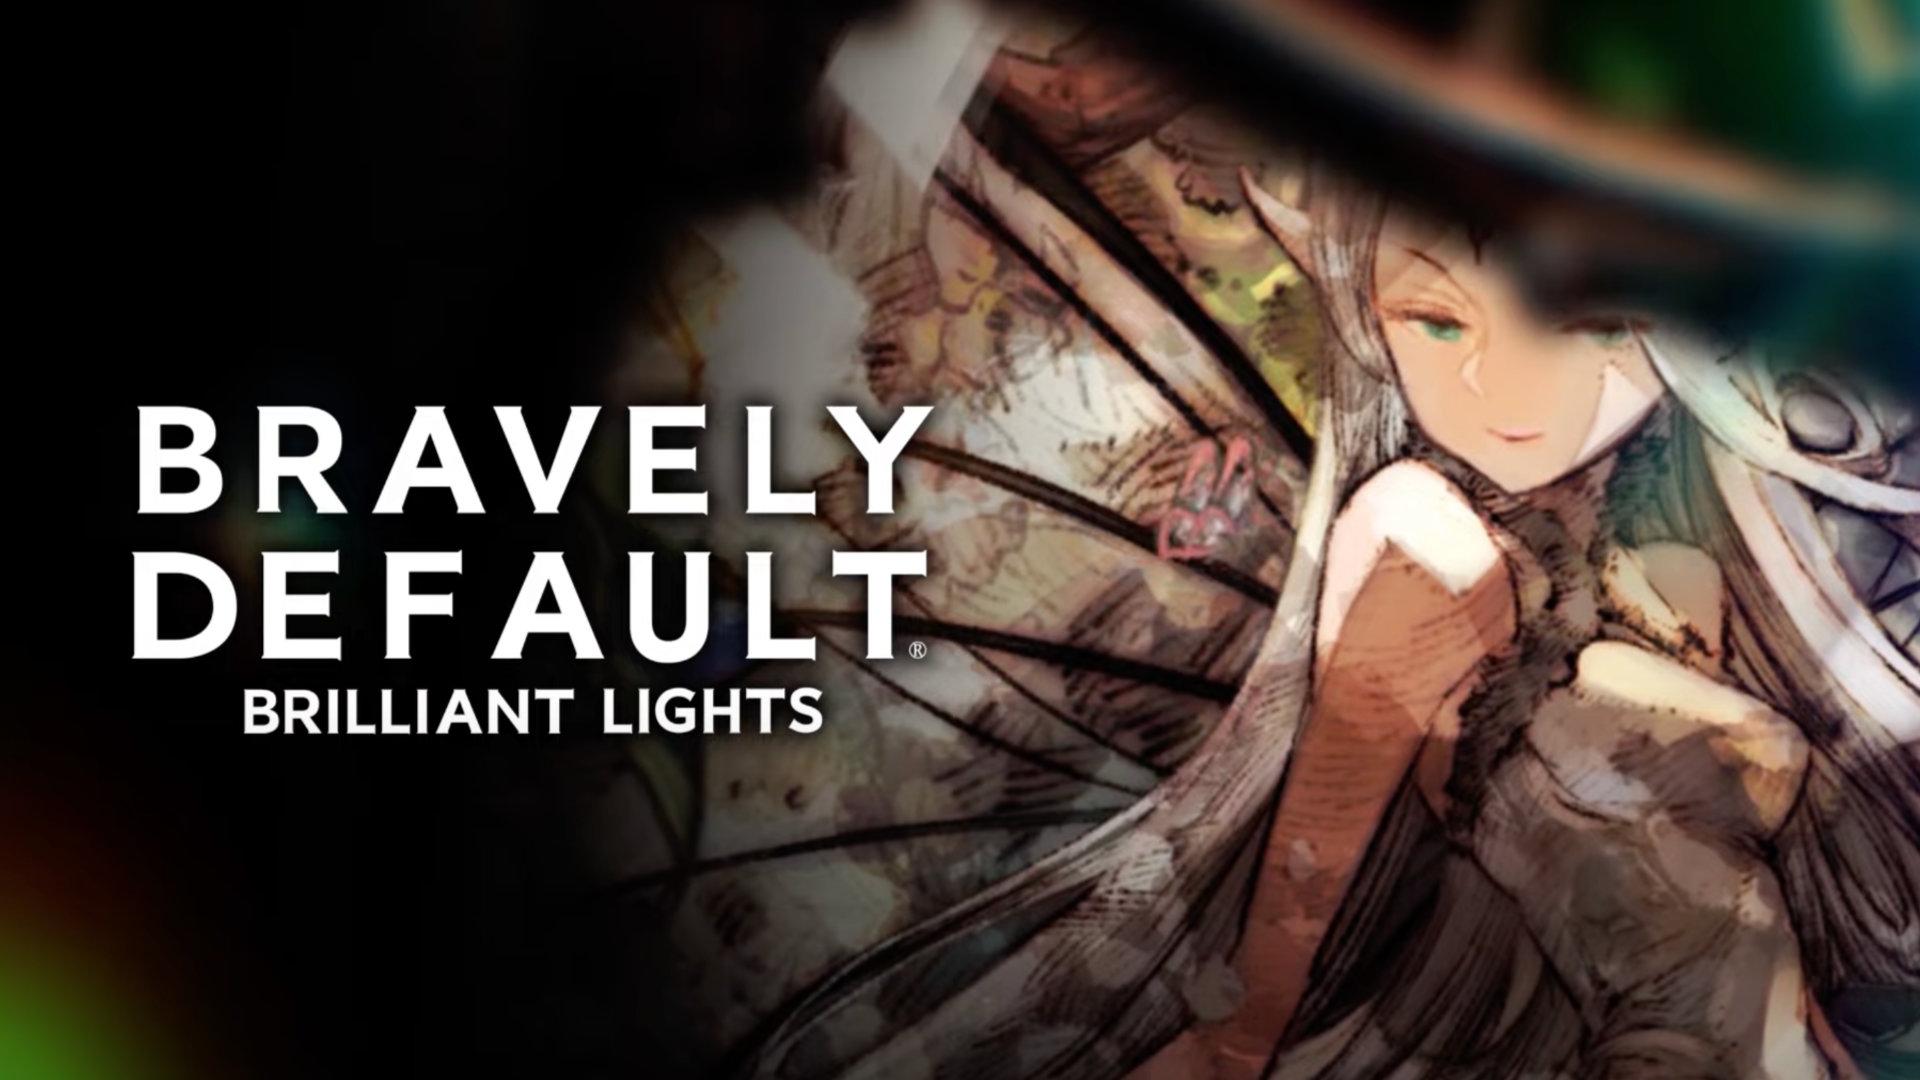 Bravely Default: Brilliant Lights Artwork